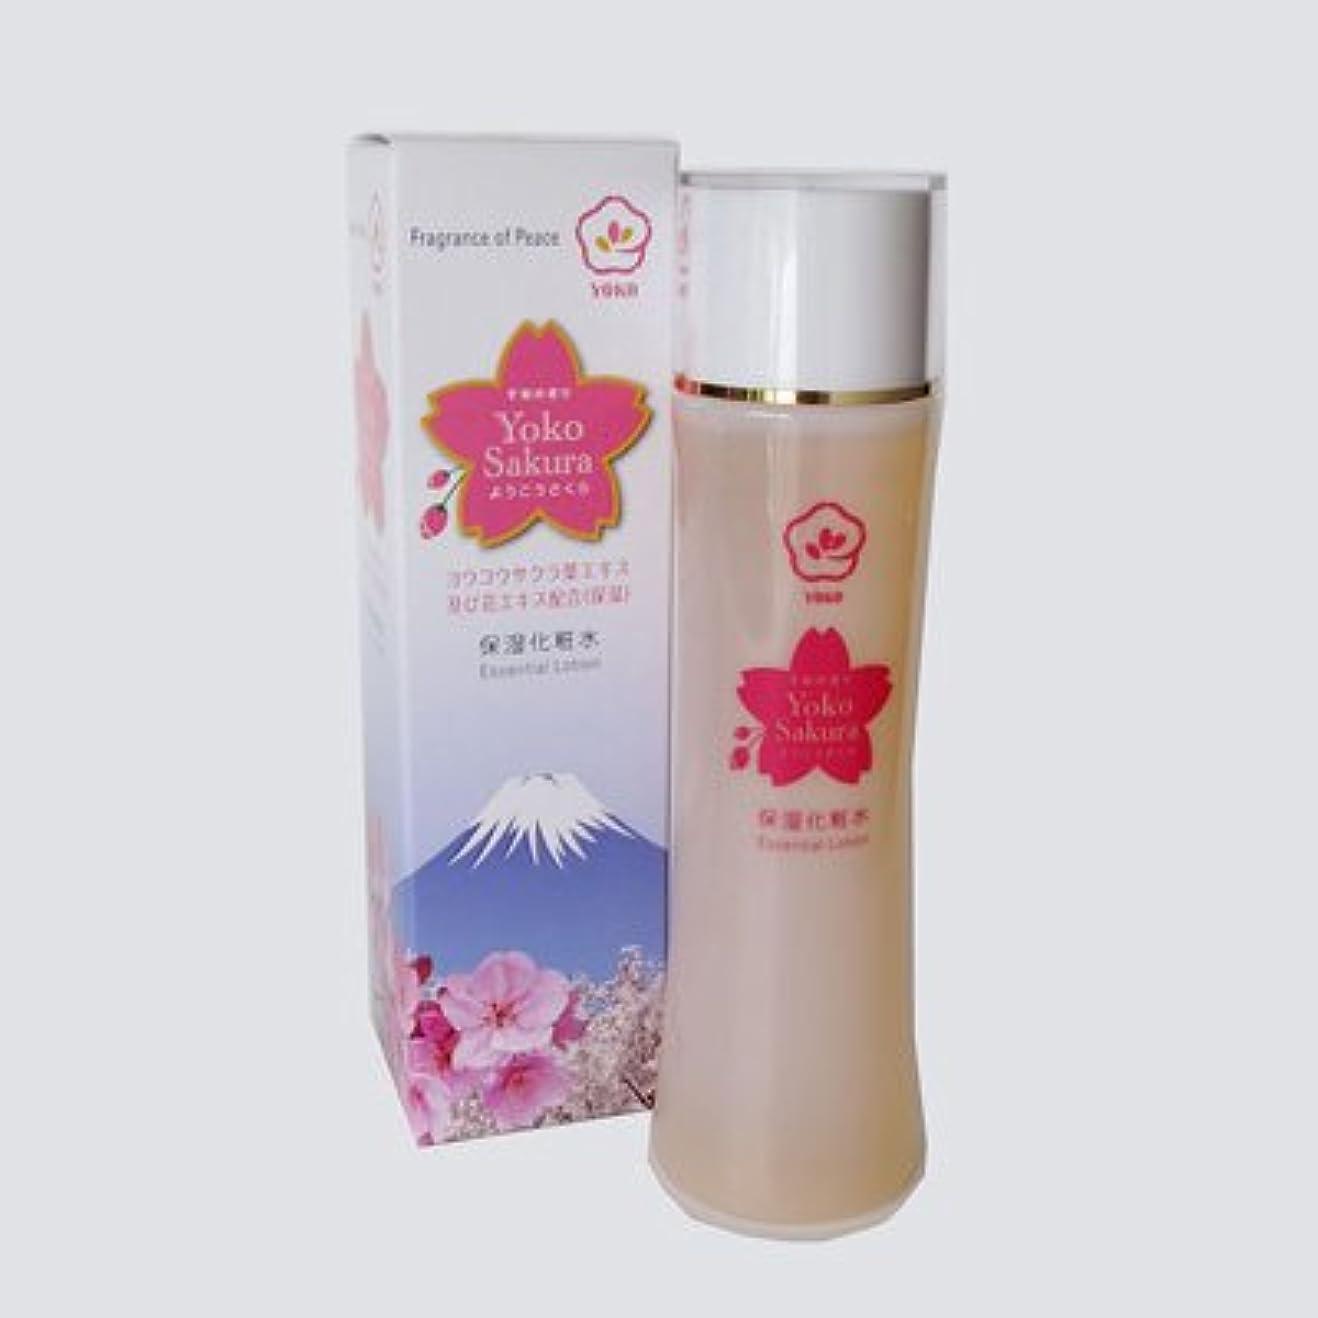 近代化落ち着いて優越陽光ローション(保湿化粧水) 陽光桜のエキス配合の保湿化粧水。敏感肌の方にもどうぞ